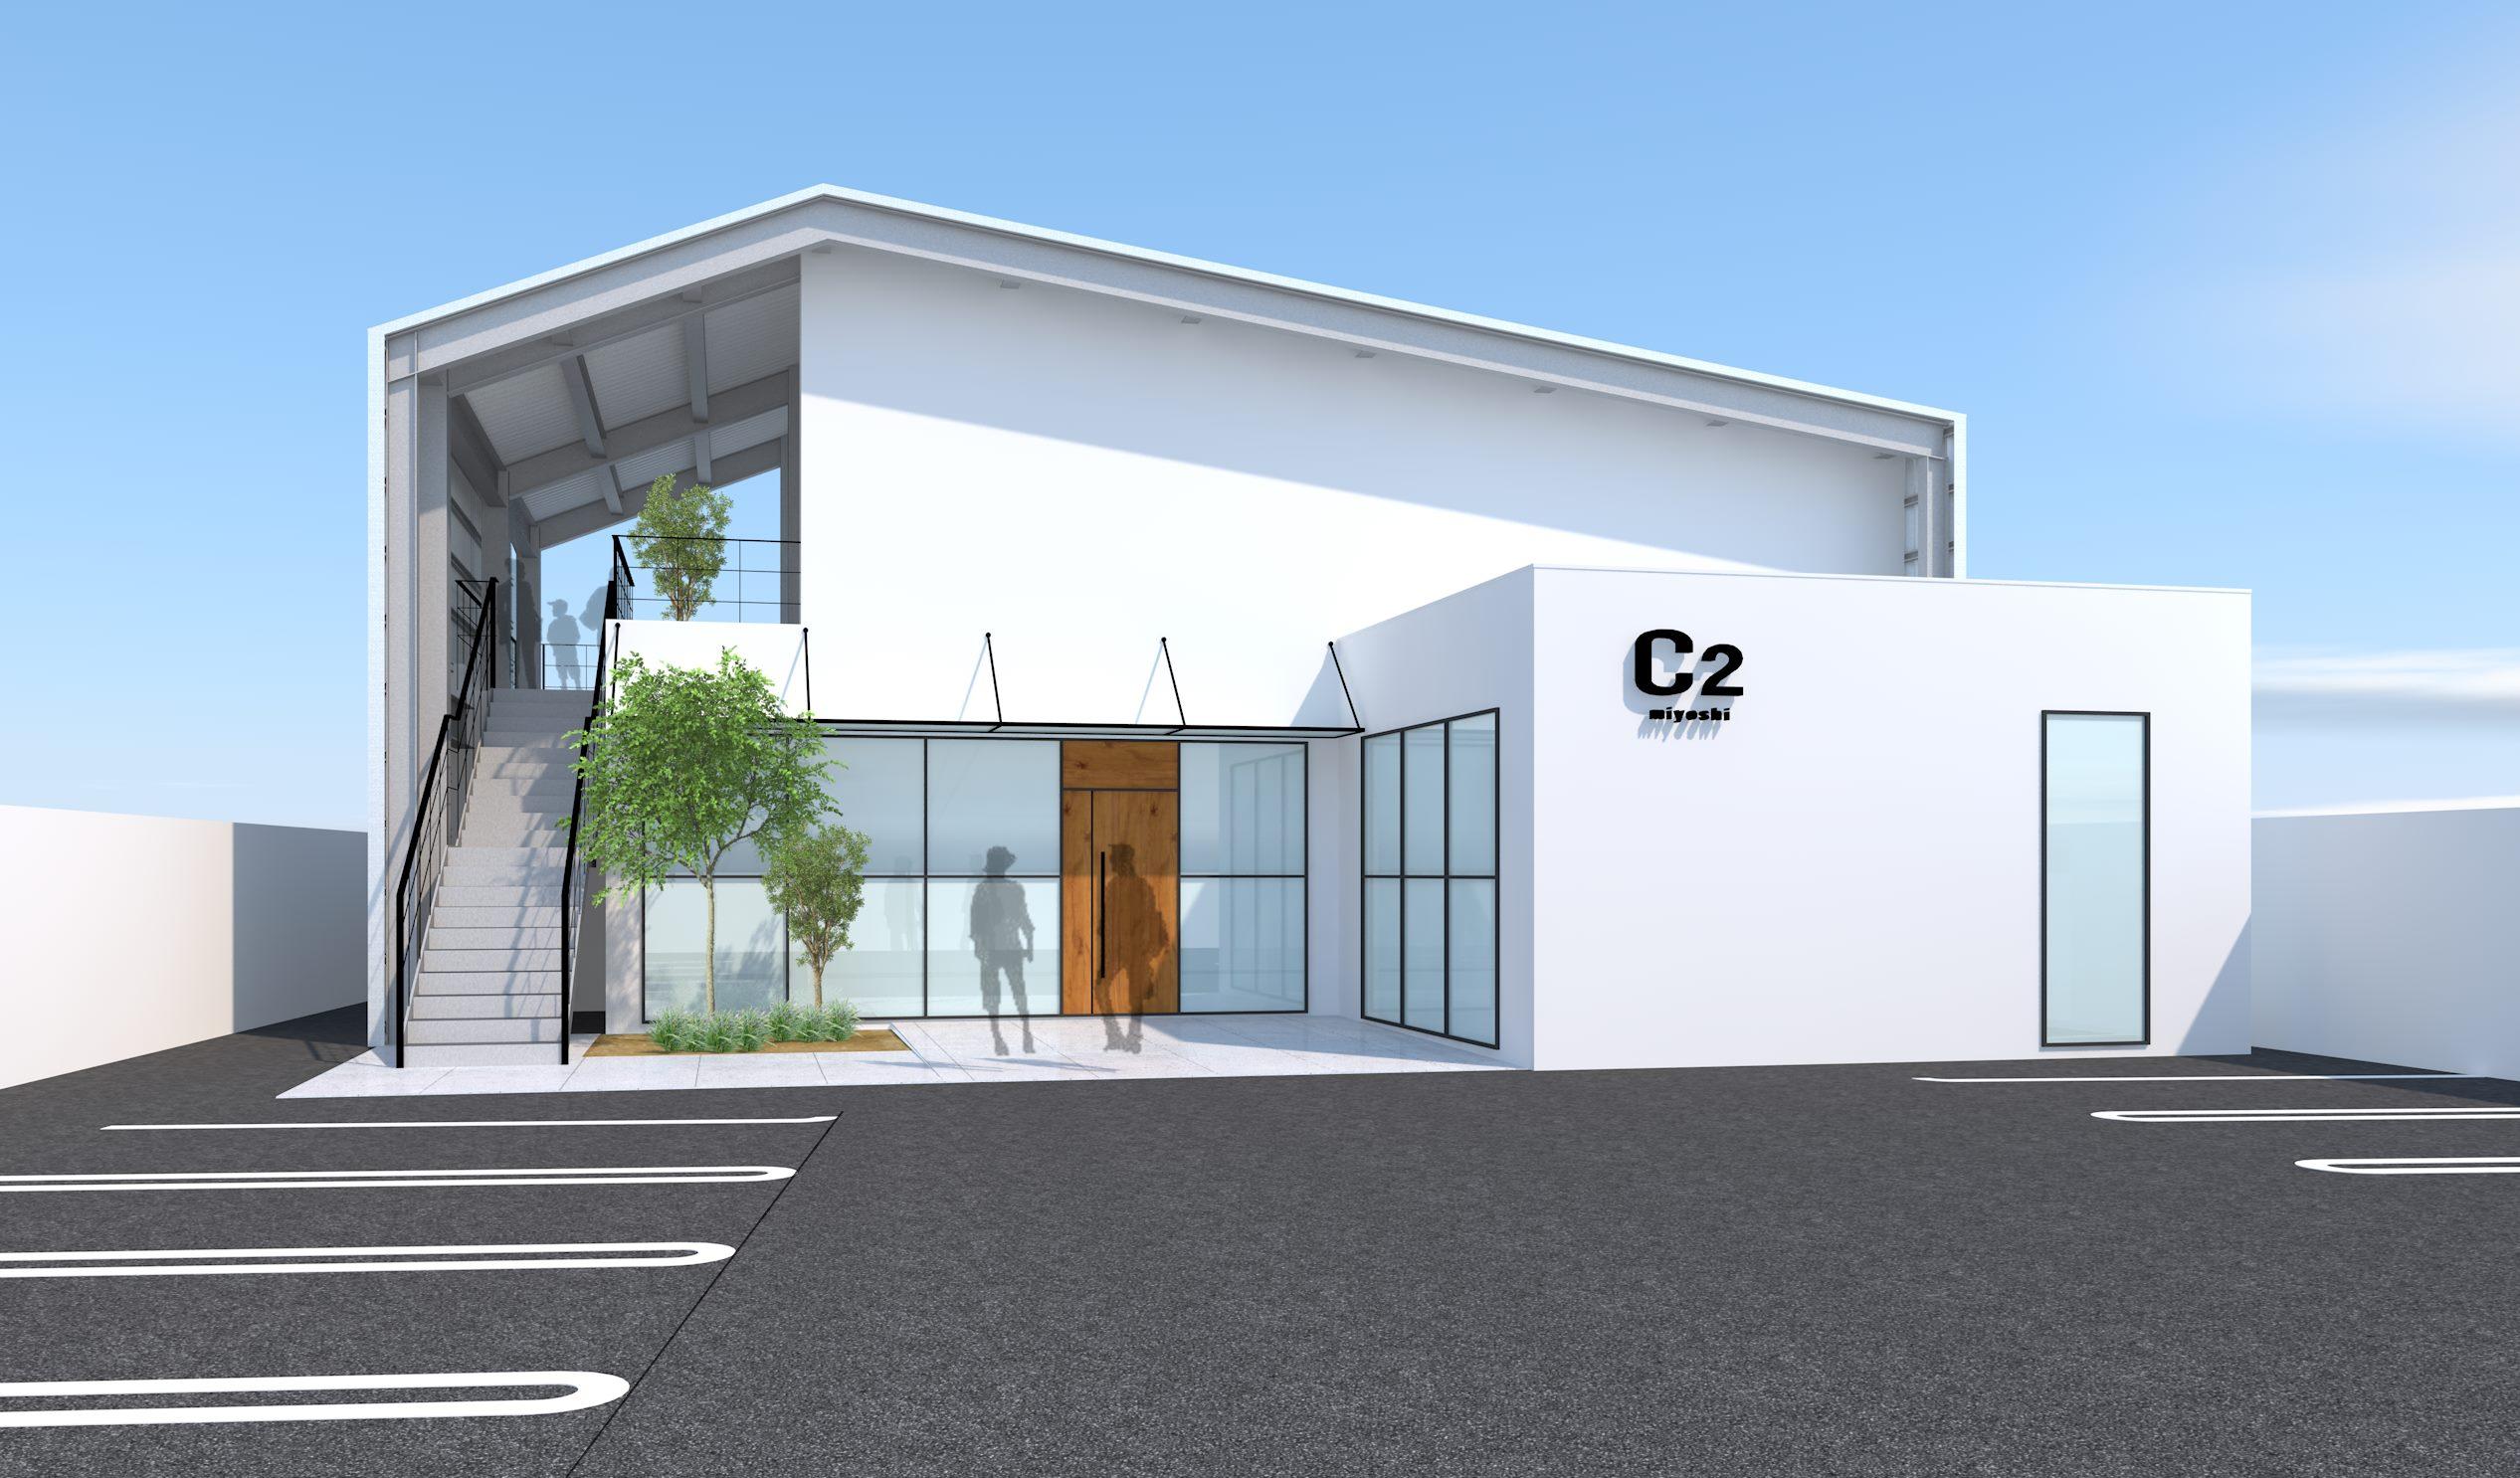 C2三吉店移転パース